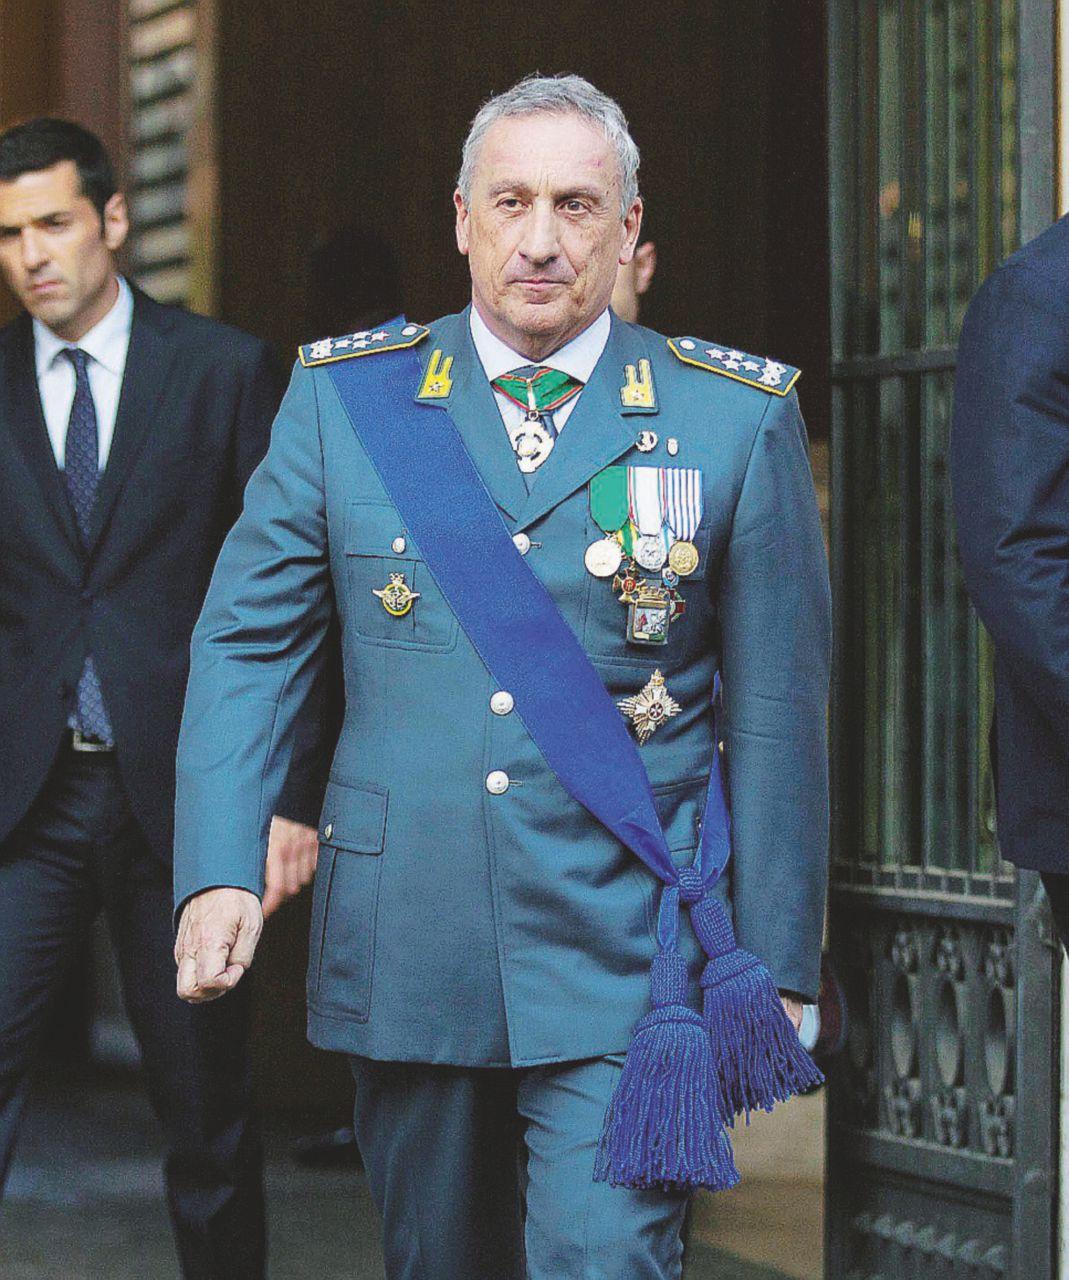 Renzi era atteso negli stessi alberghi del generale Toschi